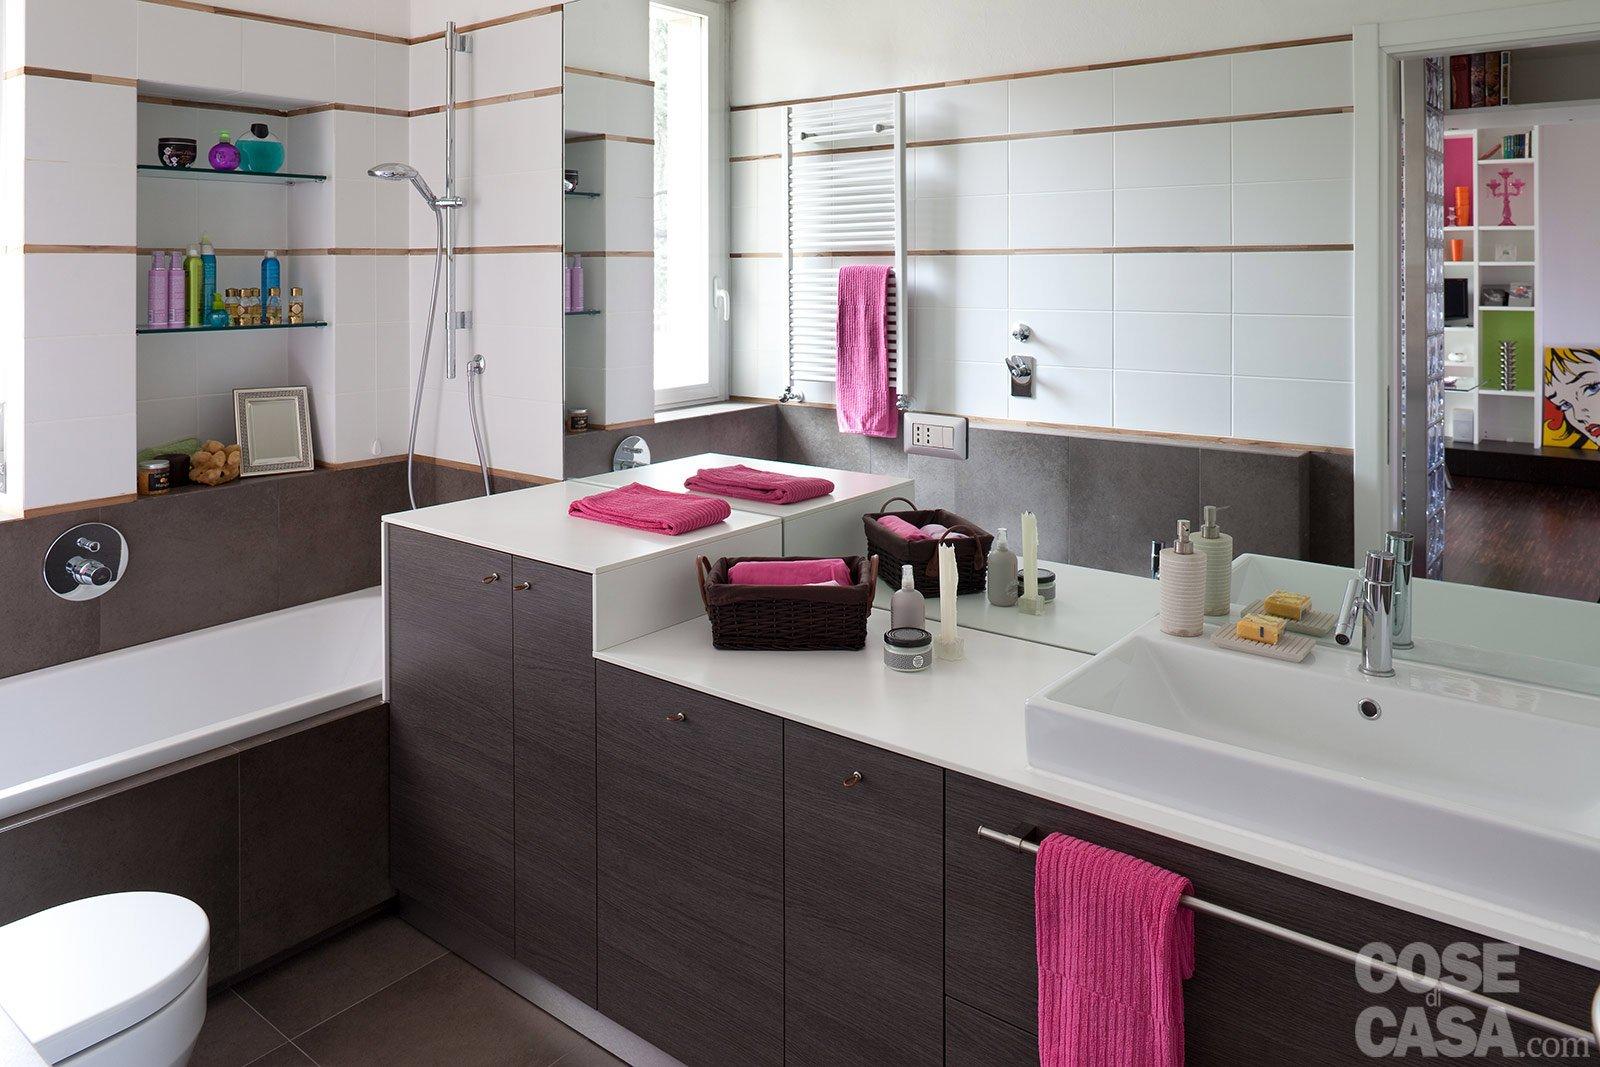 Cucina con lavatrice – pasionwe